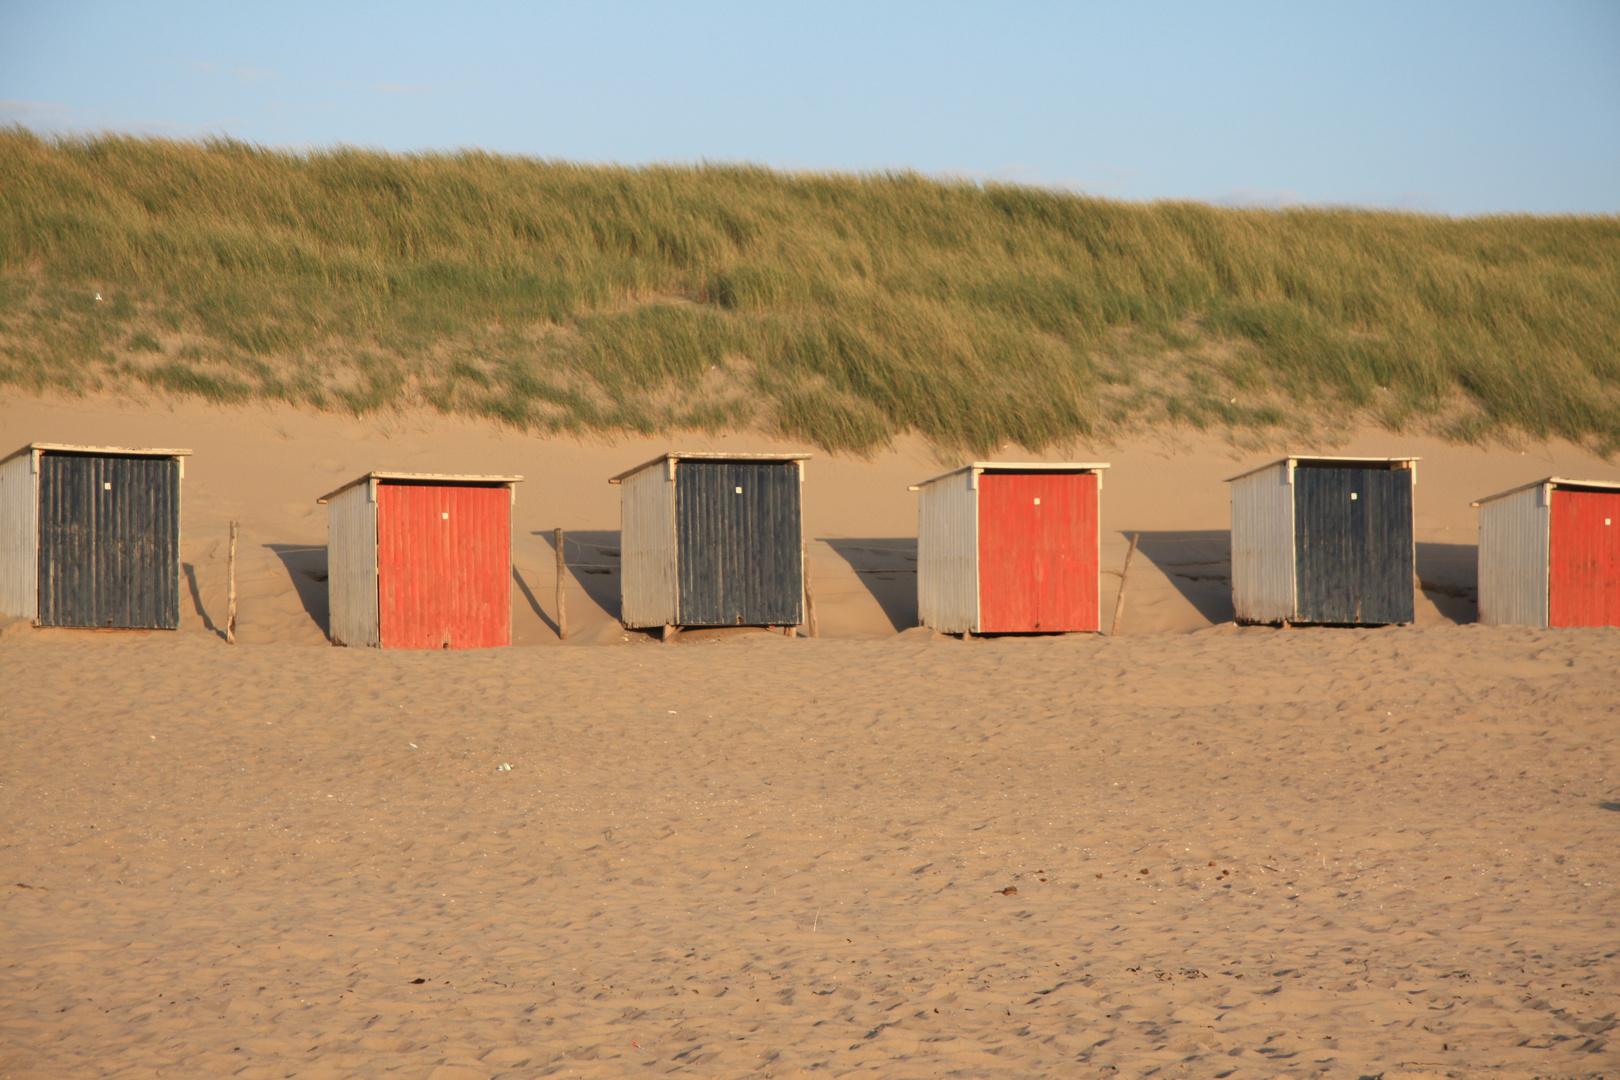 Strandfoto bei Den Helder